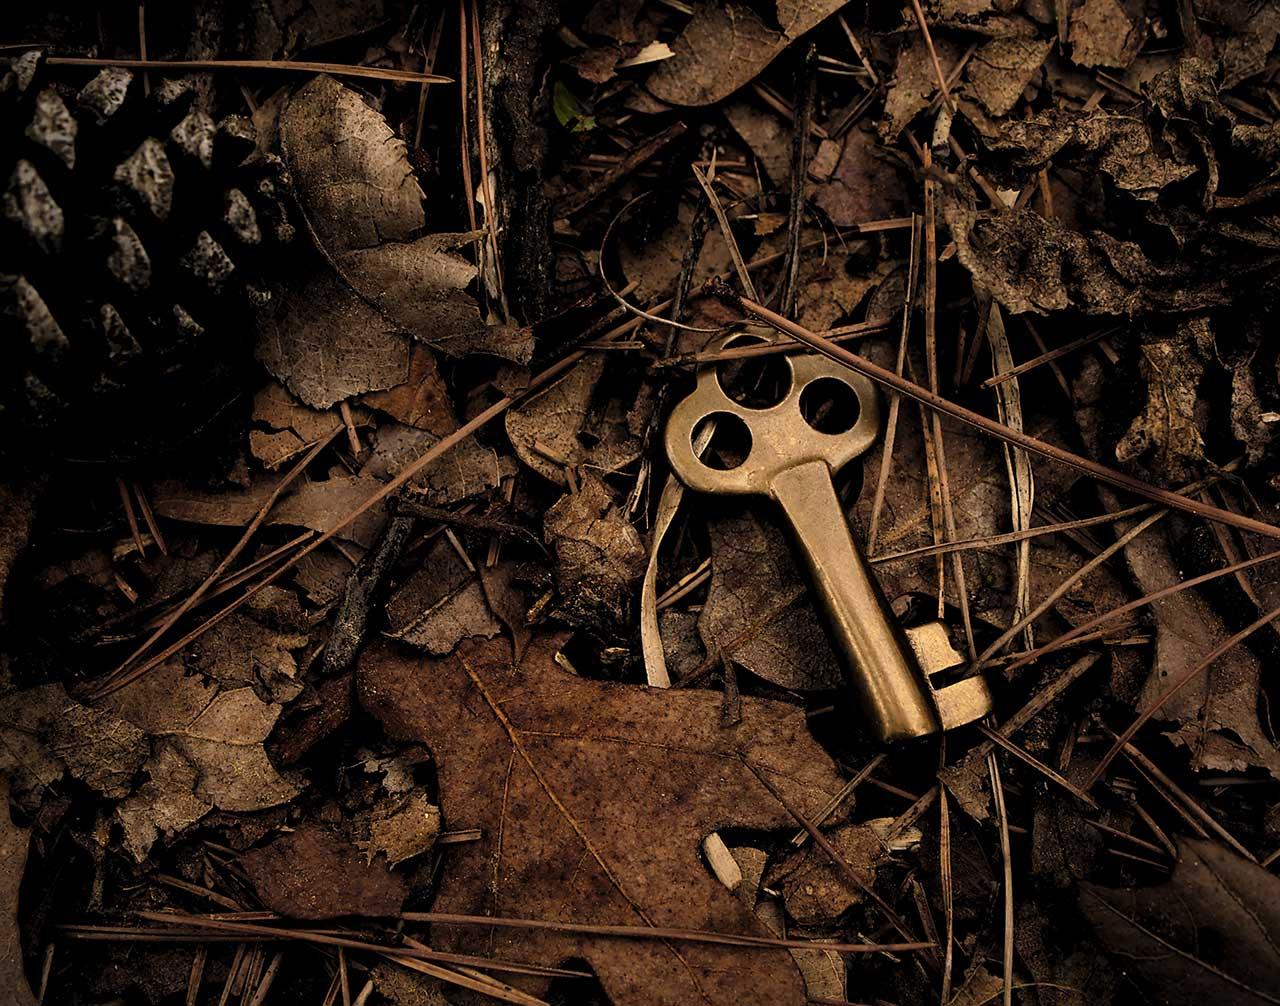 ガラクタがメルカリ最後の鍵